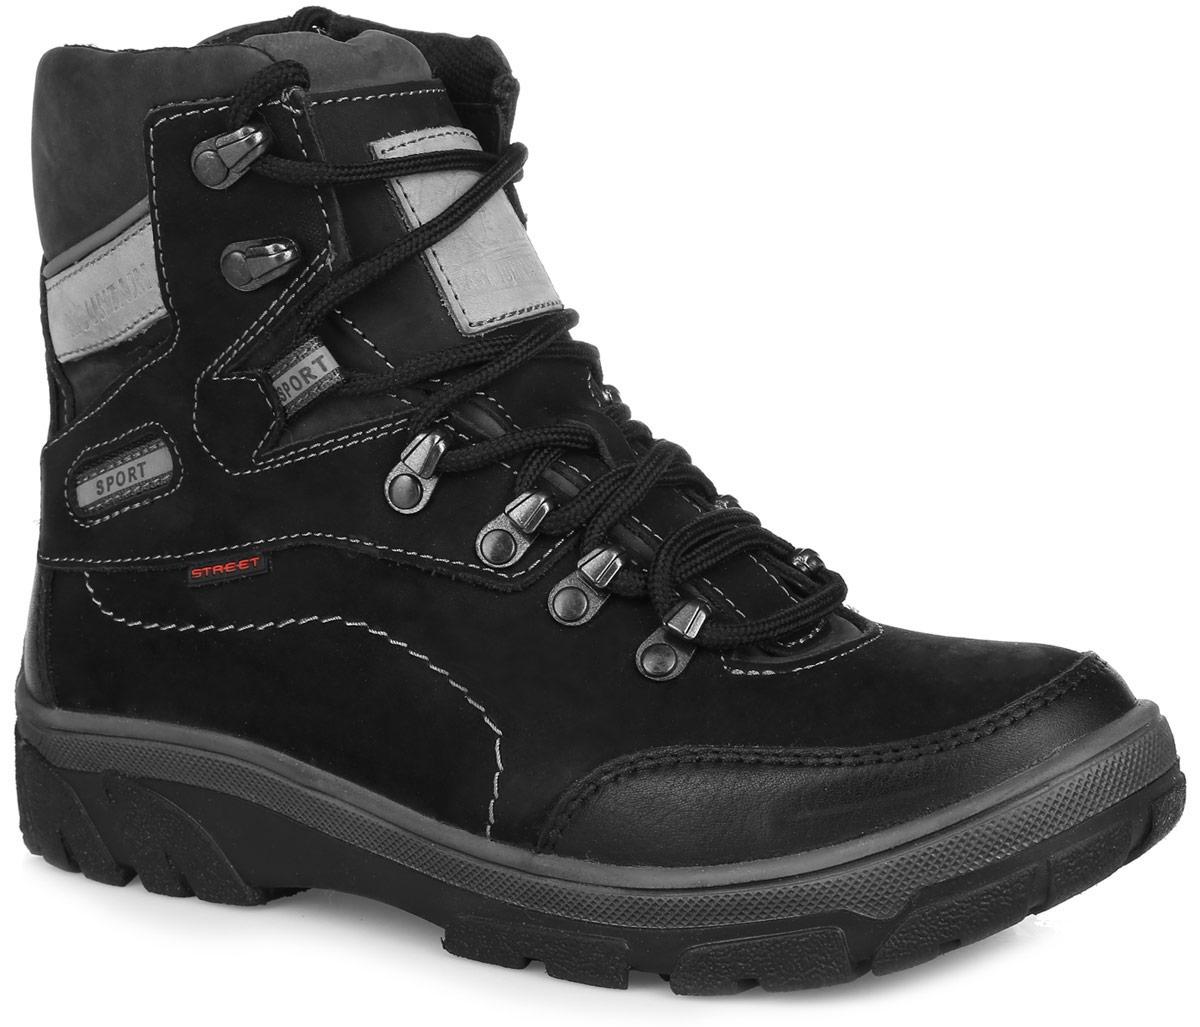 Ботинки для мальчика. 10045-110045-1Стильные зимние ботинки Зебра заинтересуют вашего юного модника с первого взгляда! Модель полностью выполнена из натуральной комбинированной кожи и оформлена небольшими светоотражающими нашивками. Ботинки фиксируются на ноге с помощью удобной застежки-молнии и шнурков. Мягкий манжет, который снаружи выполнен из замши, создает комфорт при ходьбе и предотвращает натирание ноги. Внутренняя поверхность и стелька выполнены из натурального меха, благодаря которому тепло сохраняется лучше. Подошва изготовлена из ТЭП-материала, а её рифленая поверхность обеспечит отличное сцепление с любой поверхностью. Такие модные и практичные ботинки займут достойное место в гардеробе вашего мальчика.